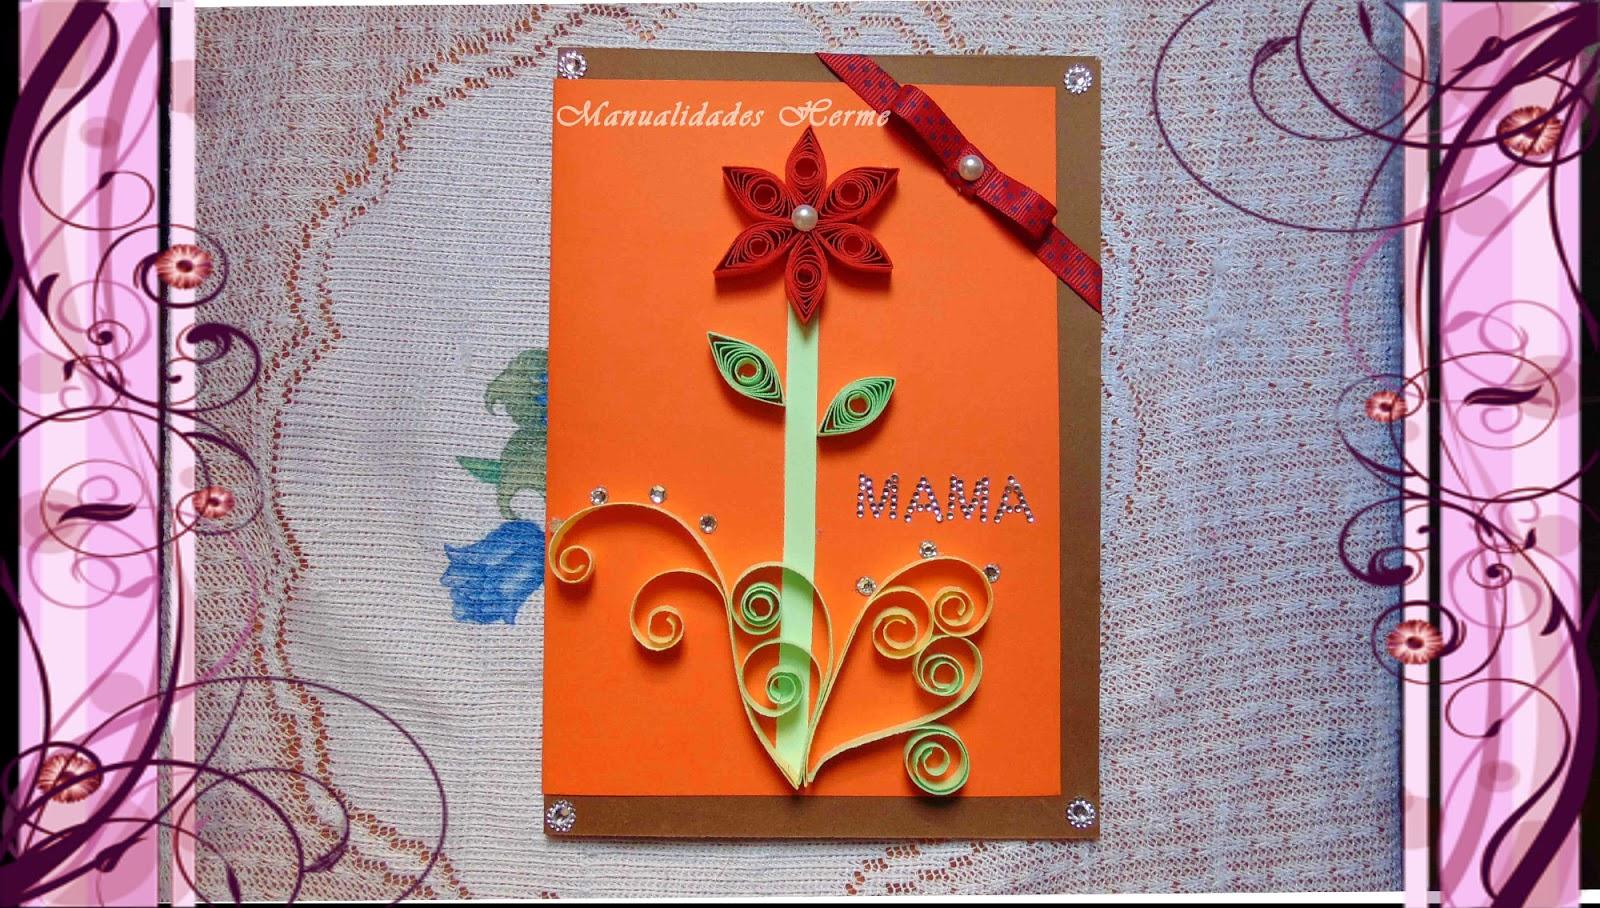 Manualidades herme como hacer una tarjeta del d a de la madre - Ver como hacer manualidades ...